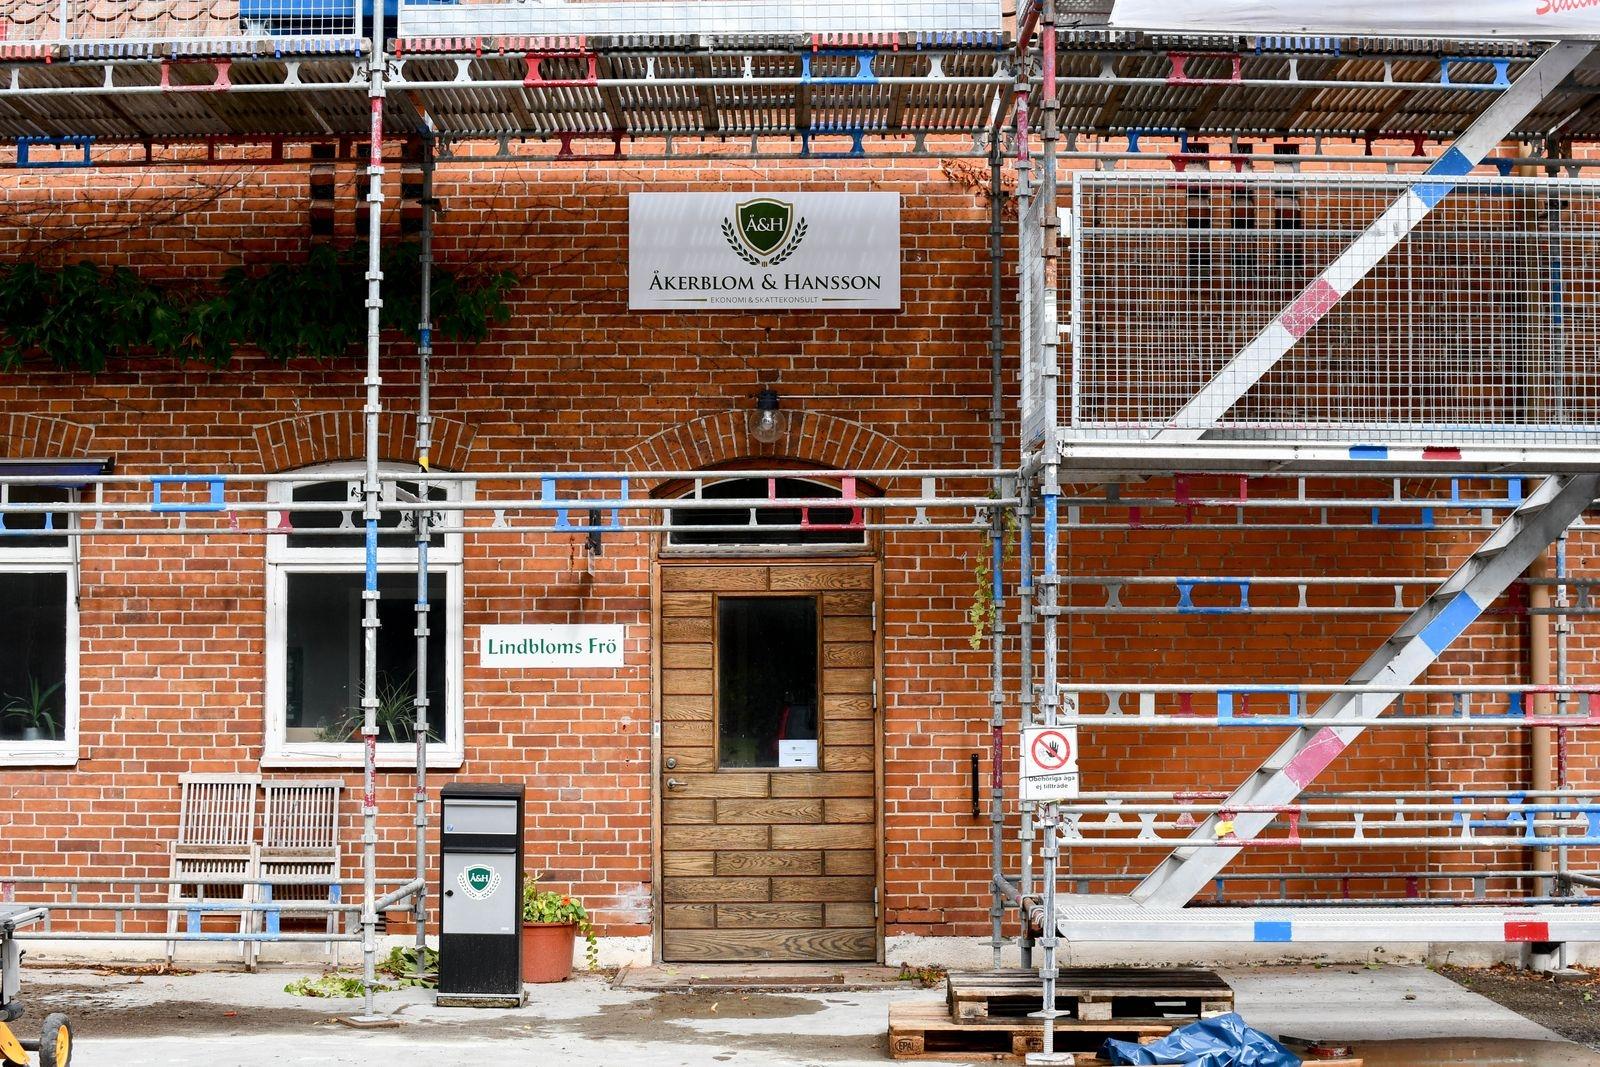 Åkerblom & Hanssons nya kontor finns på våningen ovanför Lindbloms Frö, i Hammenhögs Frös före detta lokaler. Fastigheten håller som bäst på att förses med nytt tak.